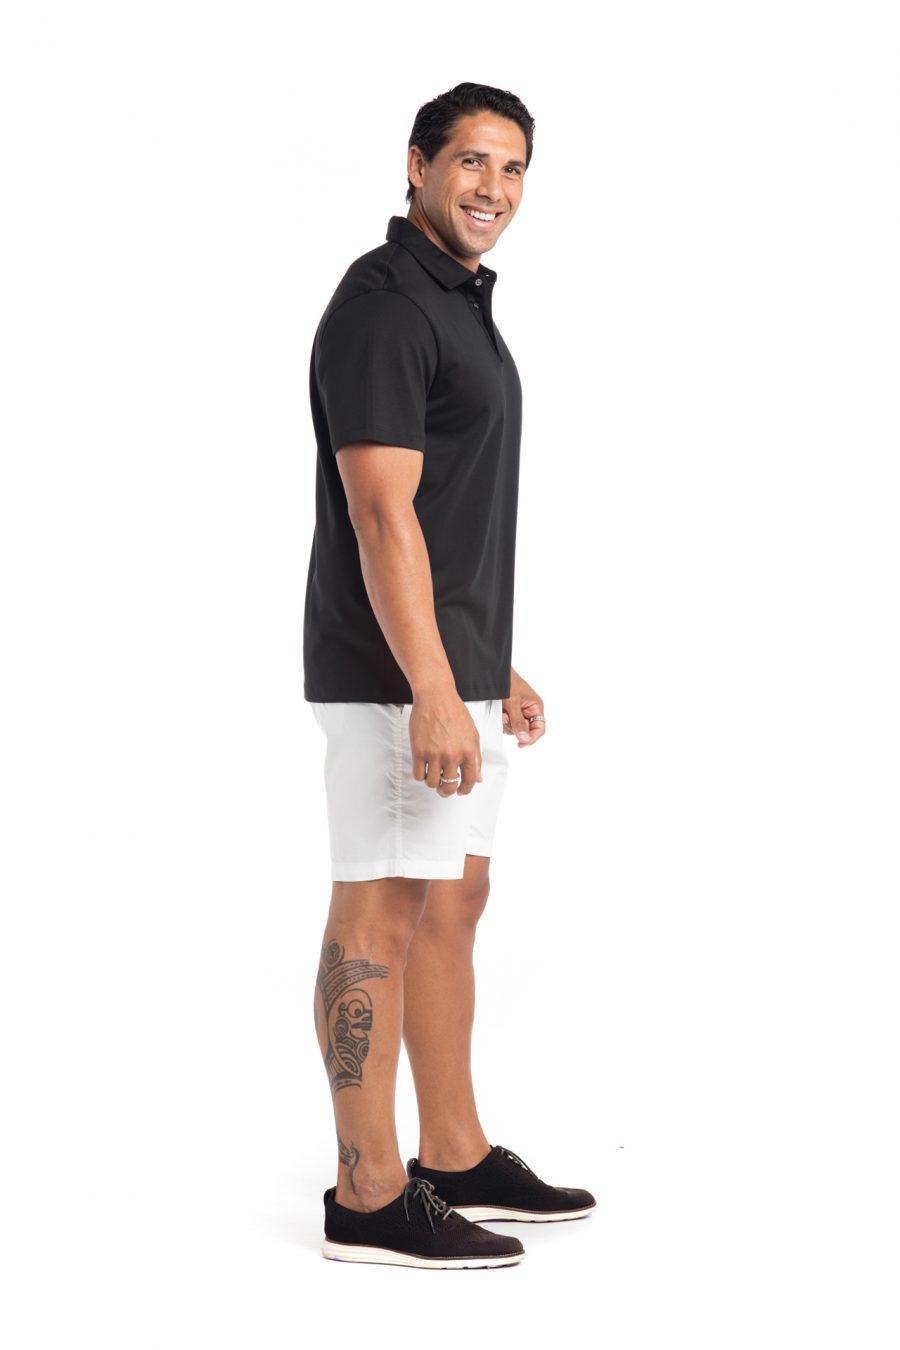 Male model wearing Waikii Polo in Black - Side View